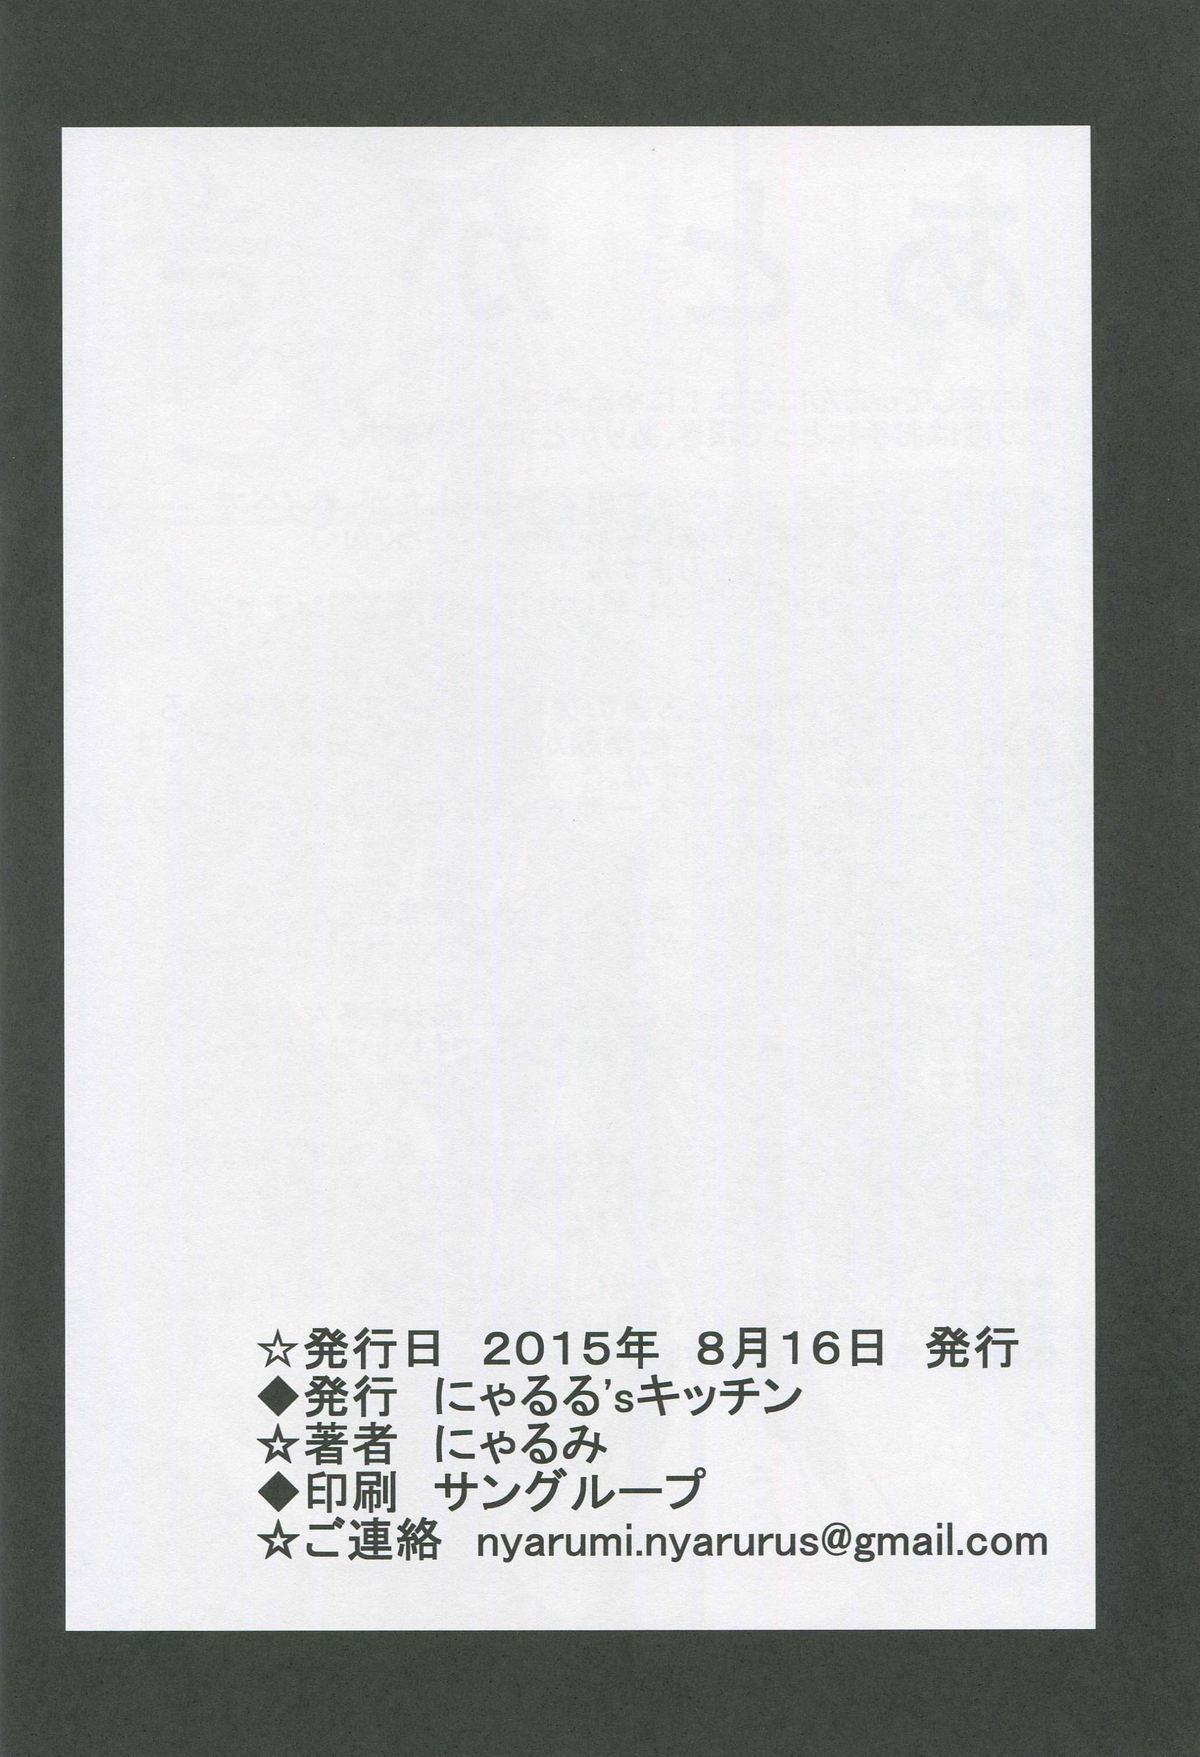 Hishokan no Meshi ga Umai! 20